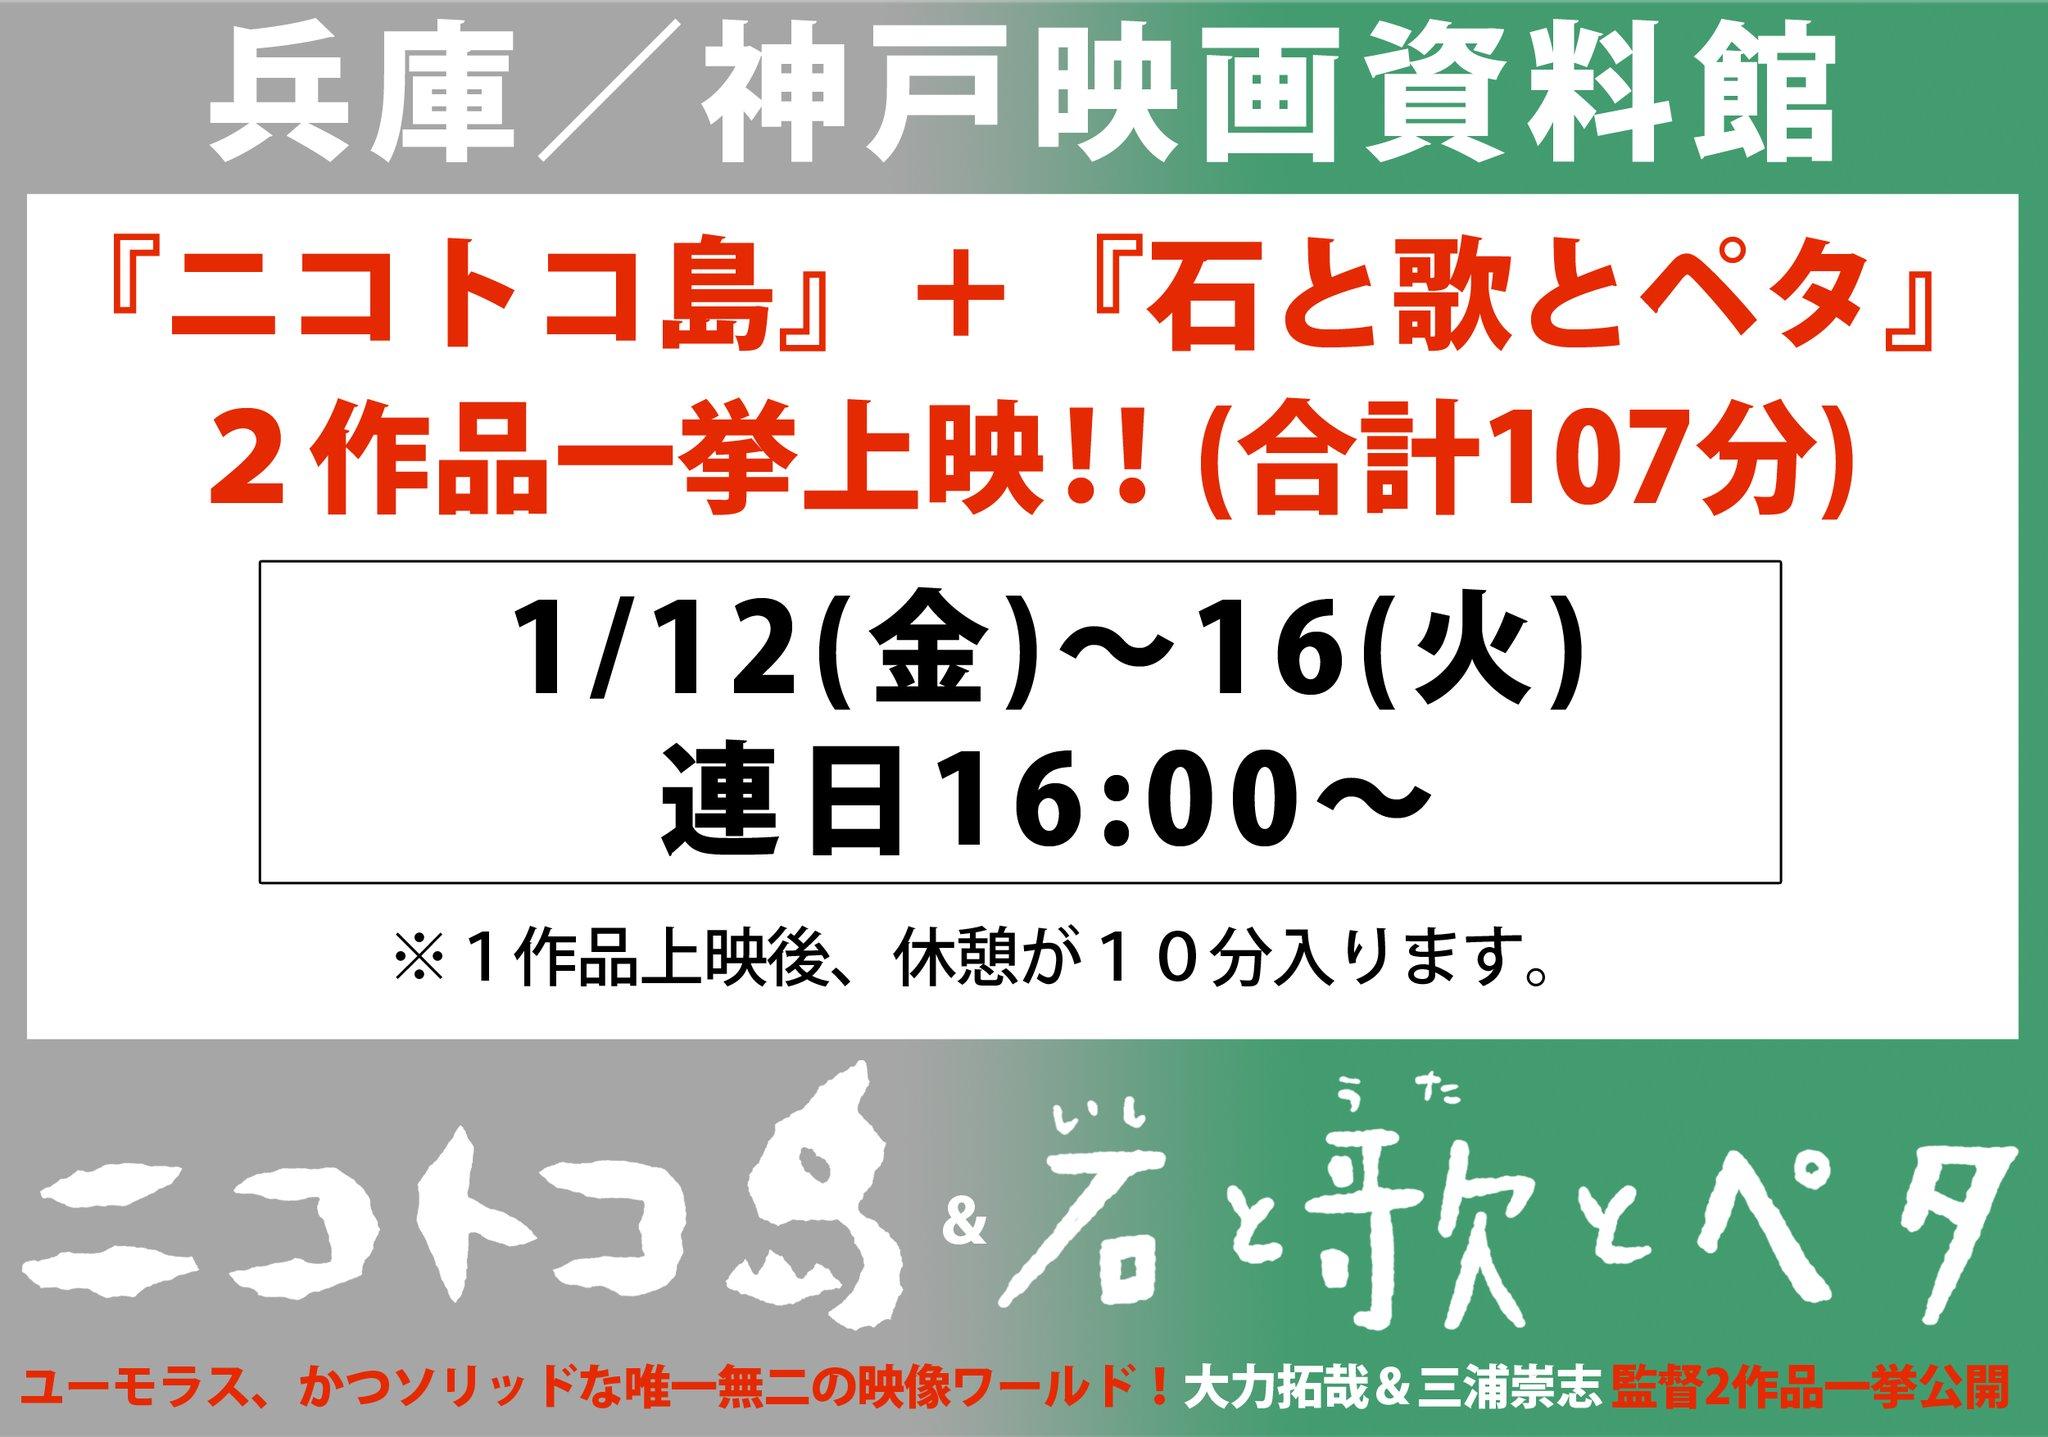 神戸映像資料館上映日